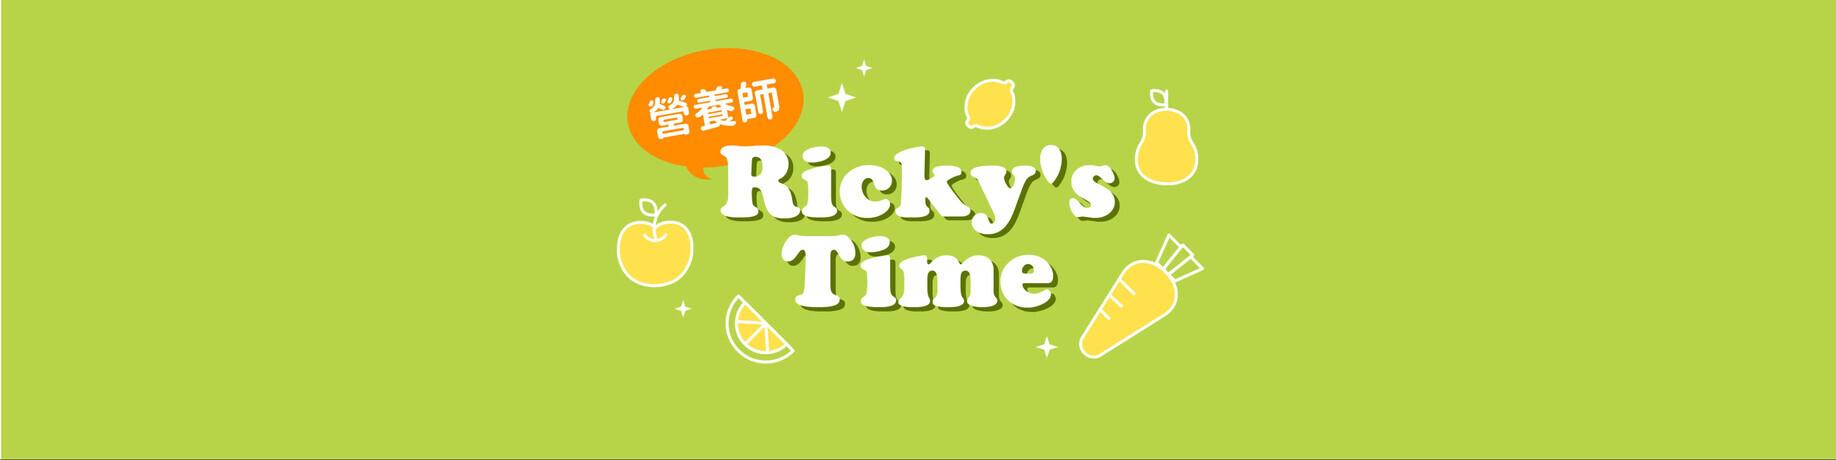 營養師Ricky-帶你邁向更好的自己